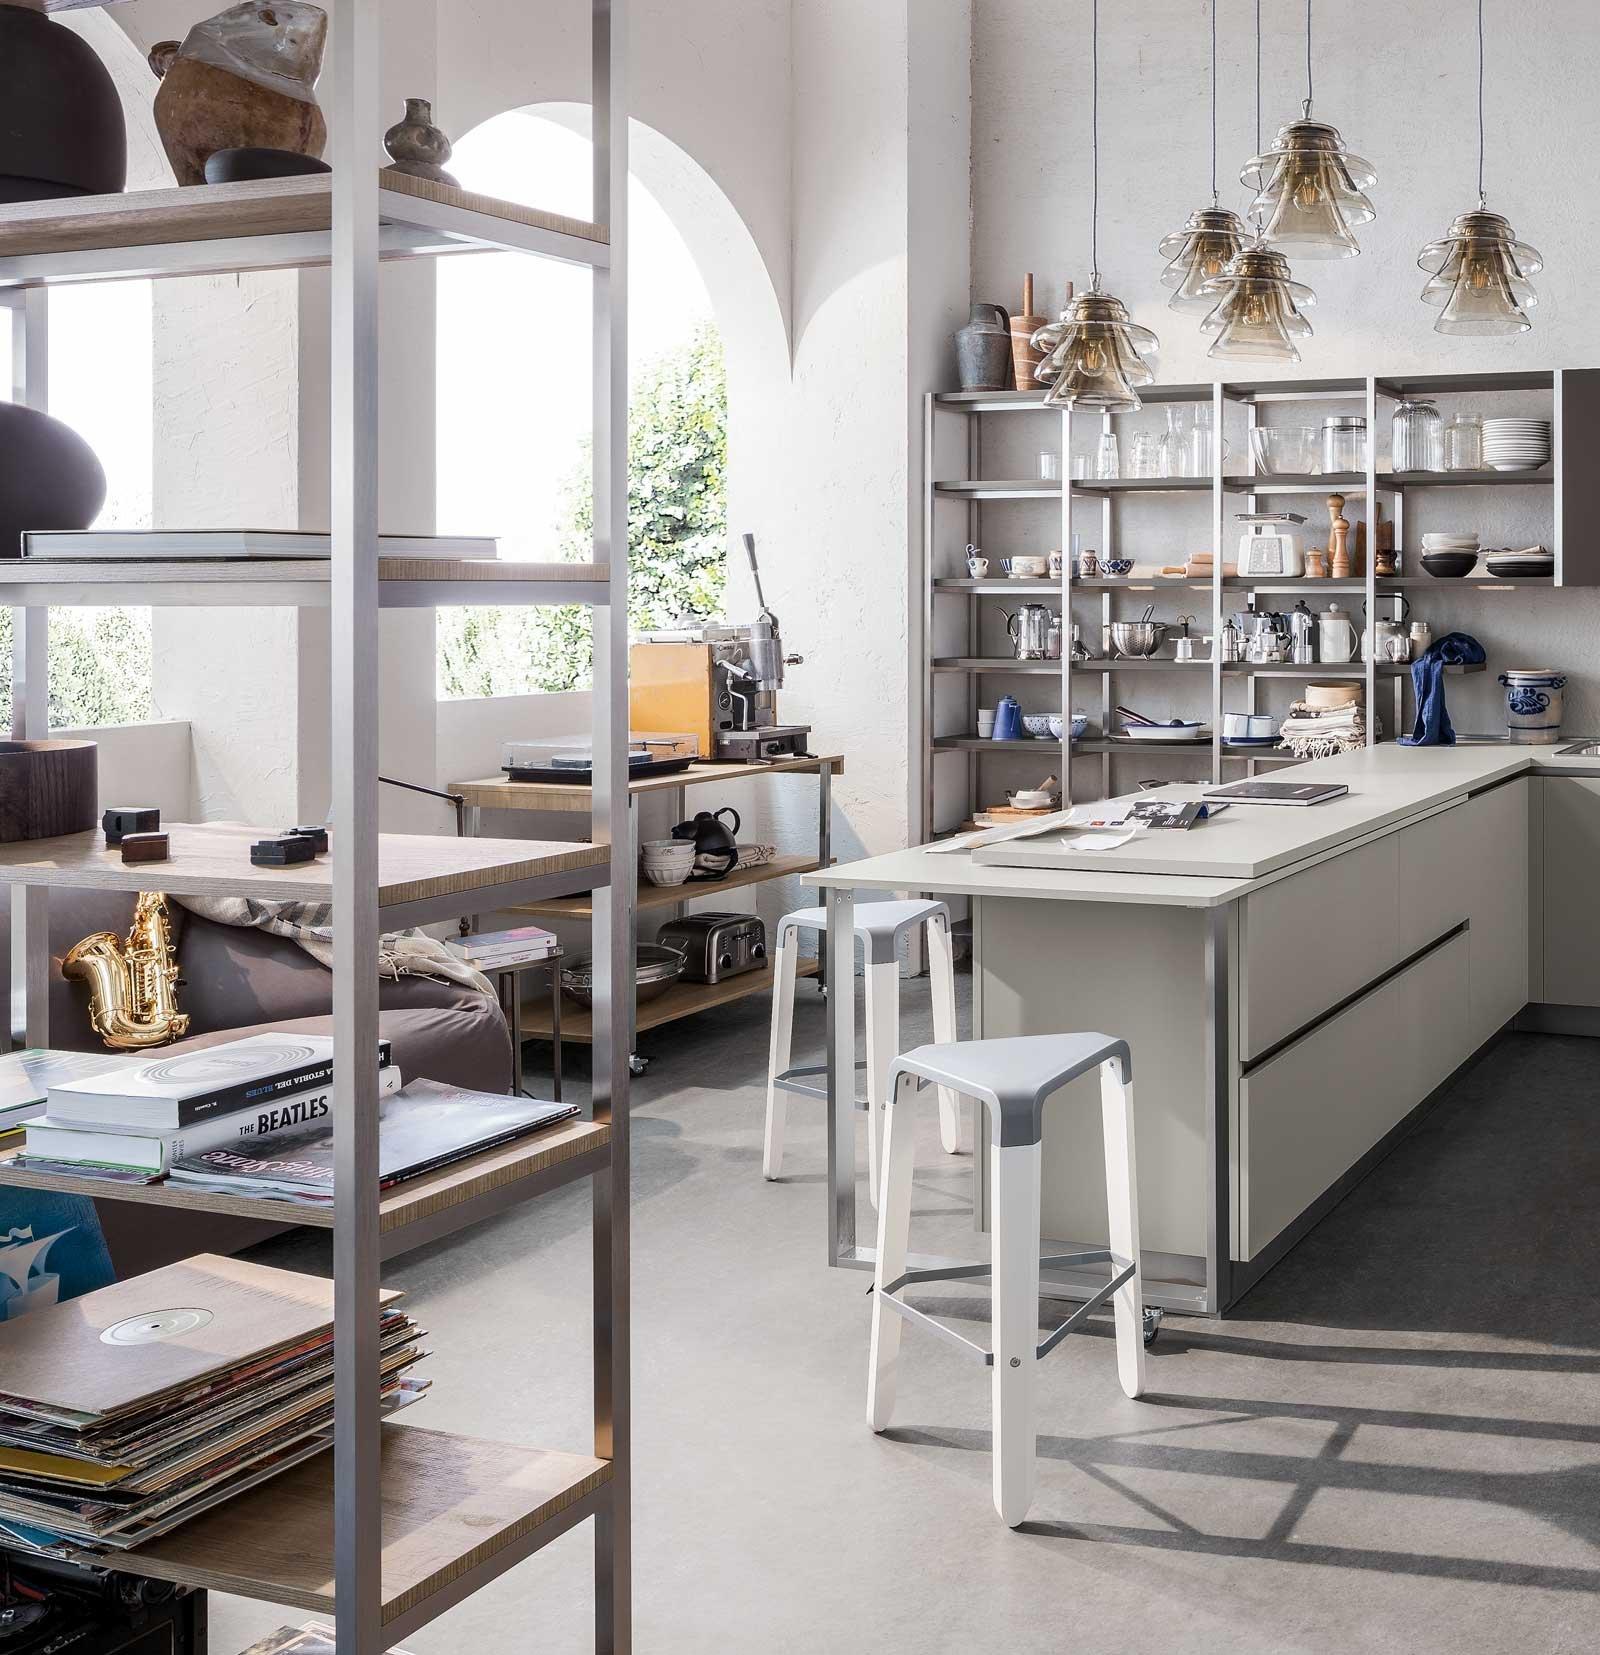 In cucina frigo e freezer sottopiano perfetti sotto la finestra nell isola o nella penisola - Cucina senza frigo ...